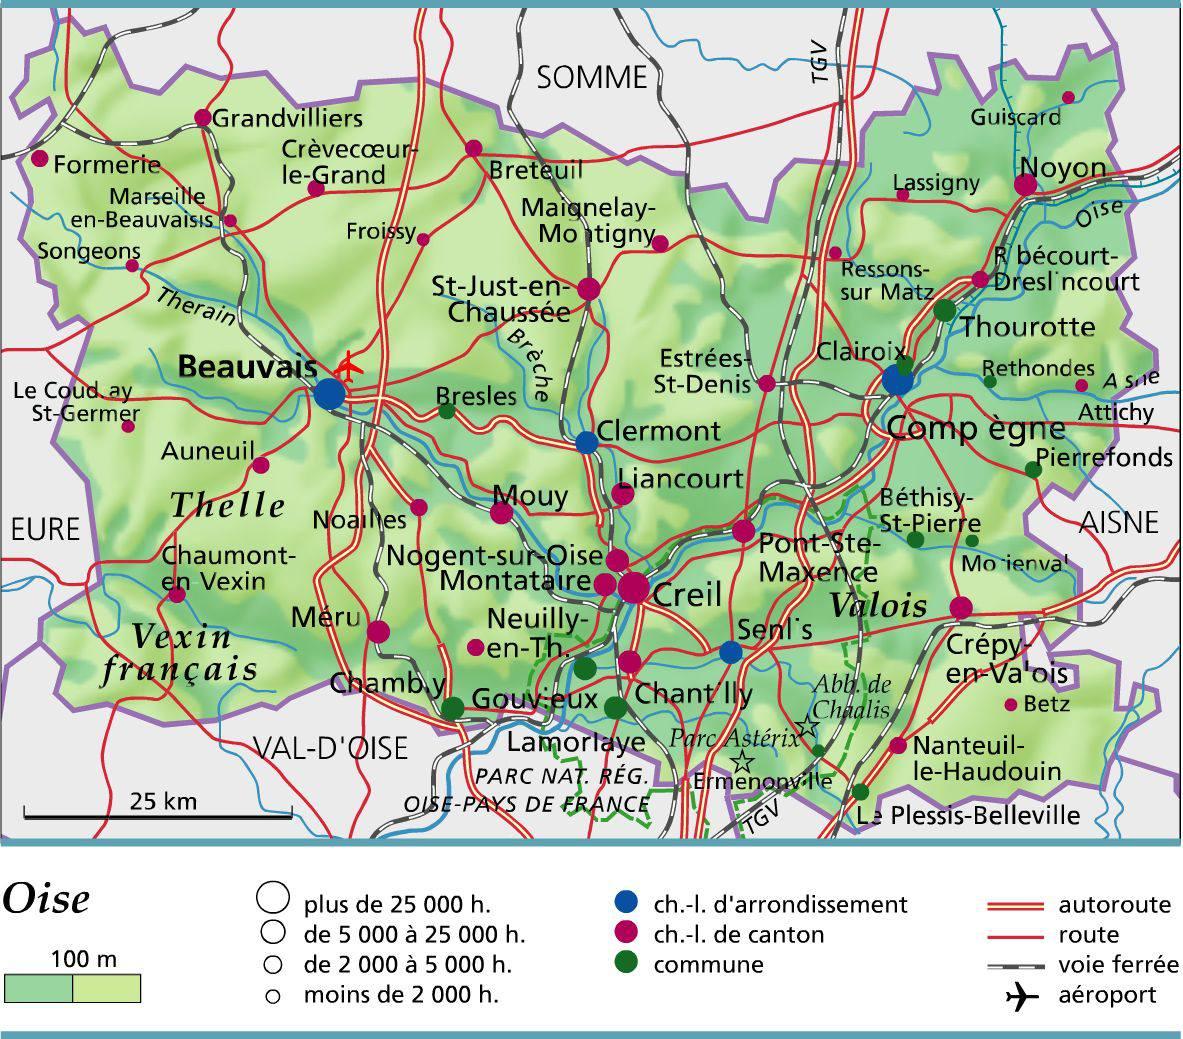 Carte De Loise Avec Ville.Carte De L Oise Oise Carte Du Departement 60 Villes